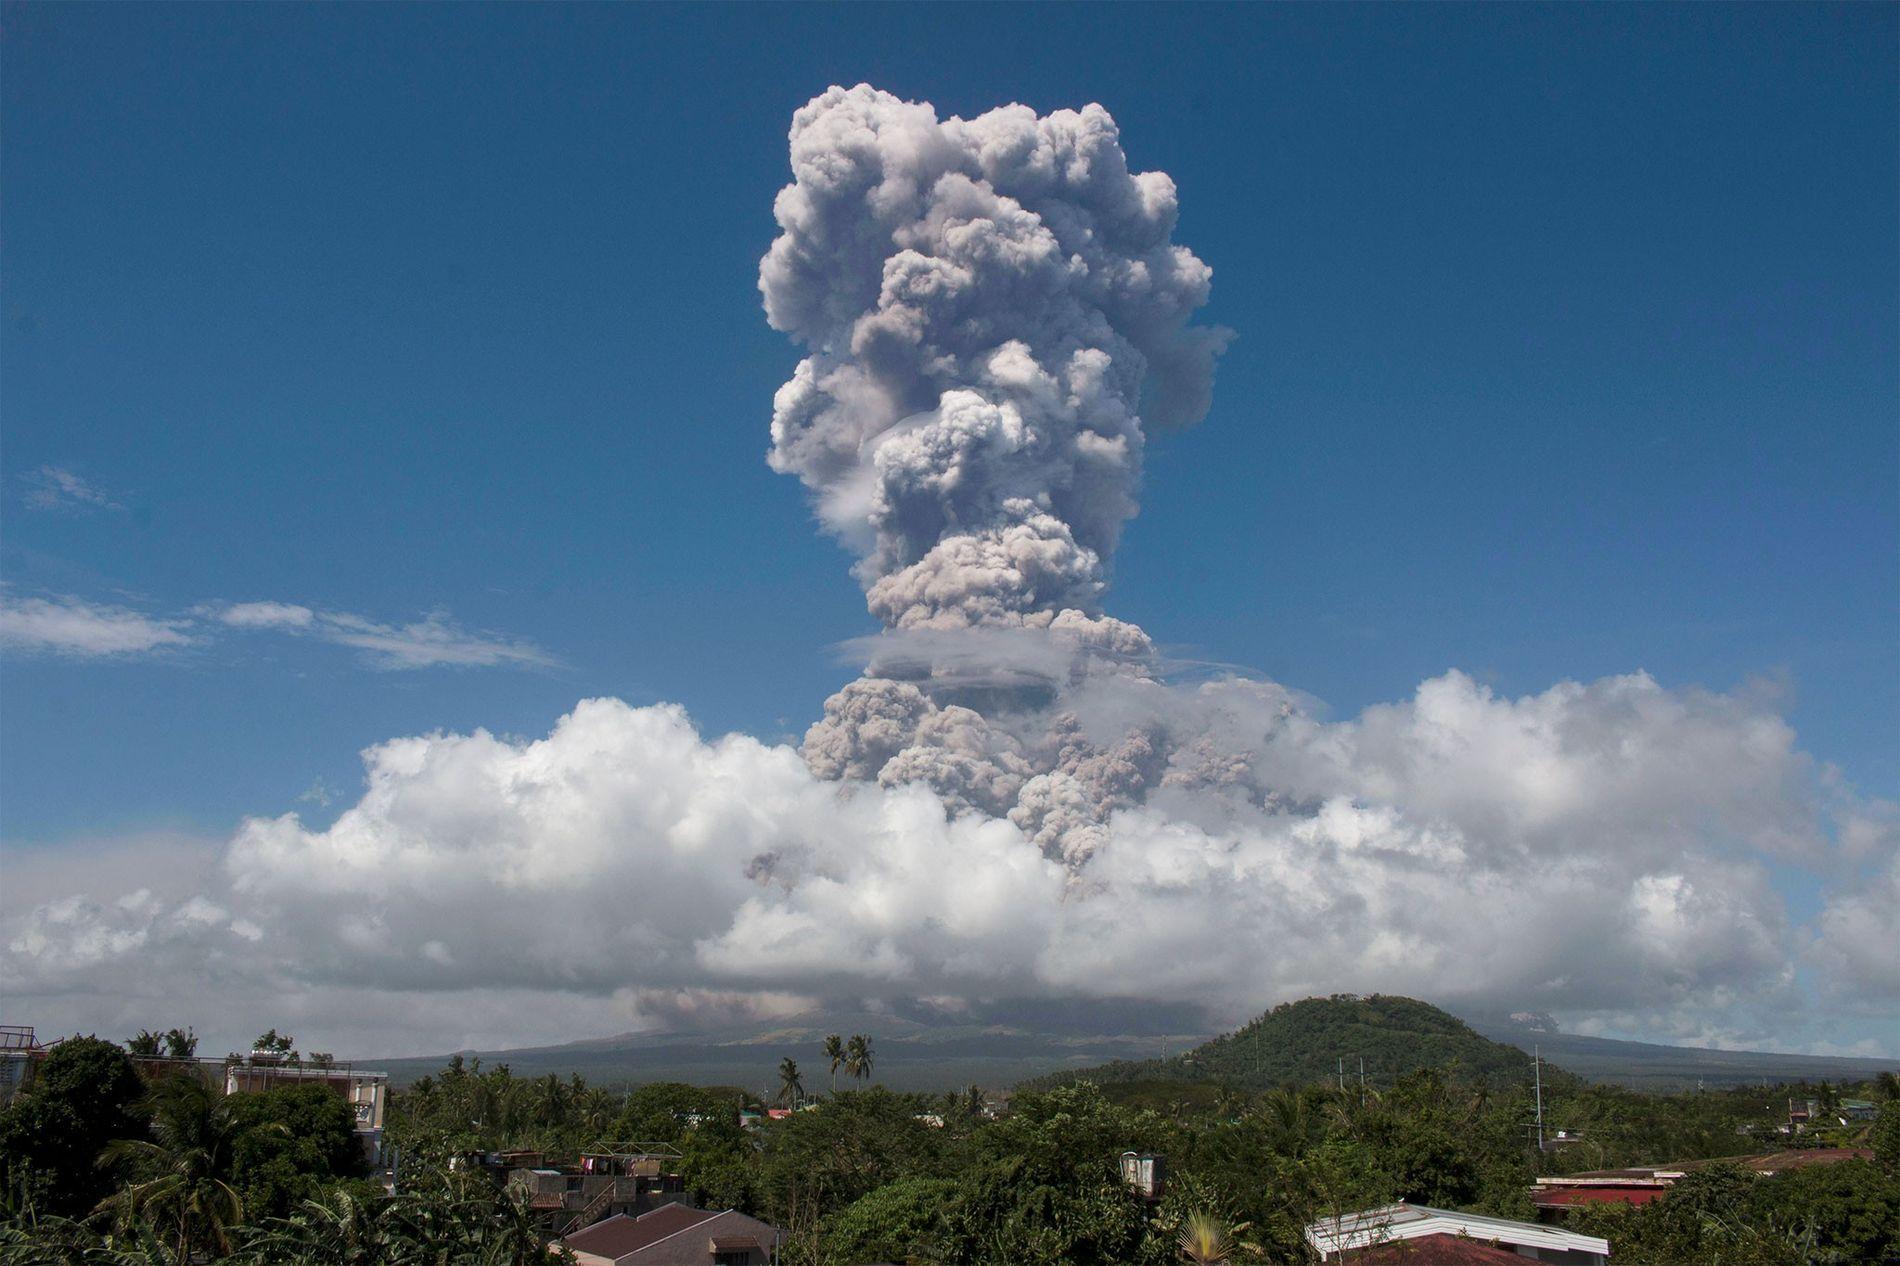 Una enorme columna de ceniza sale disparada hacia el cielo durante una explosión en el volcán Mayon, a unos 320 kilómetros al sureste de Manila, Filipinas.